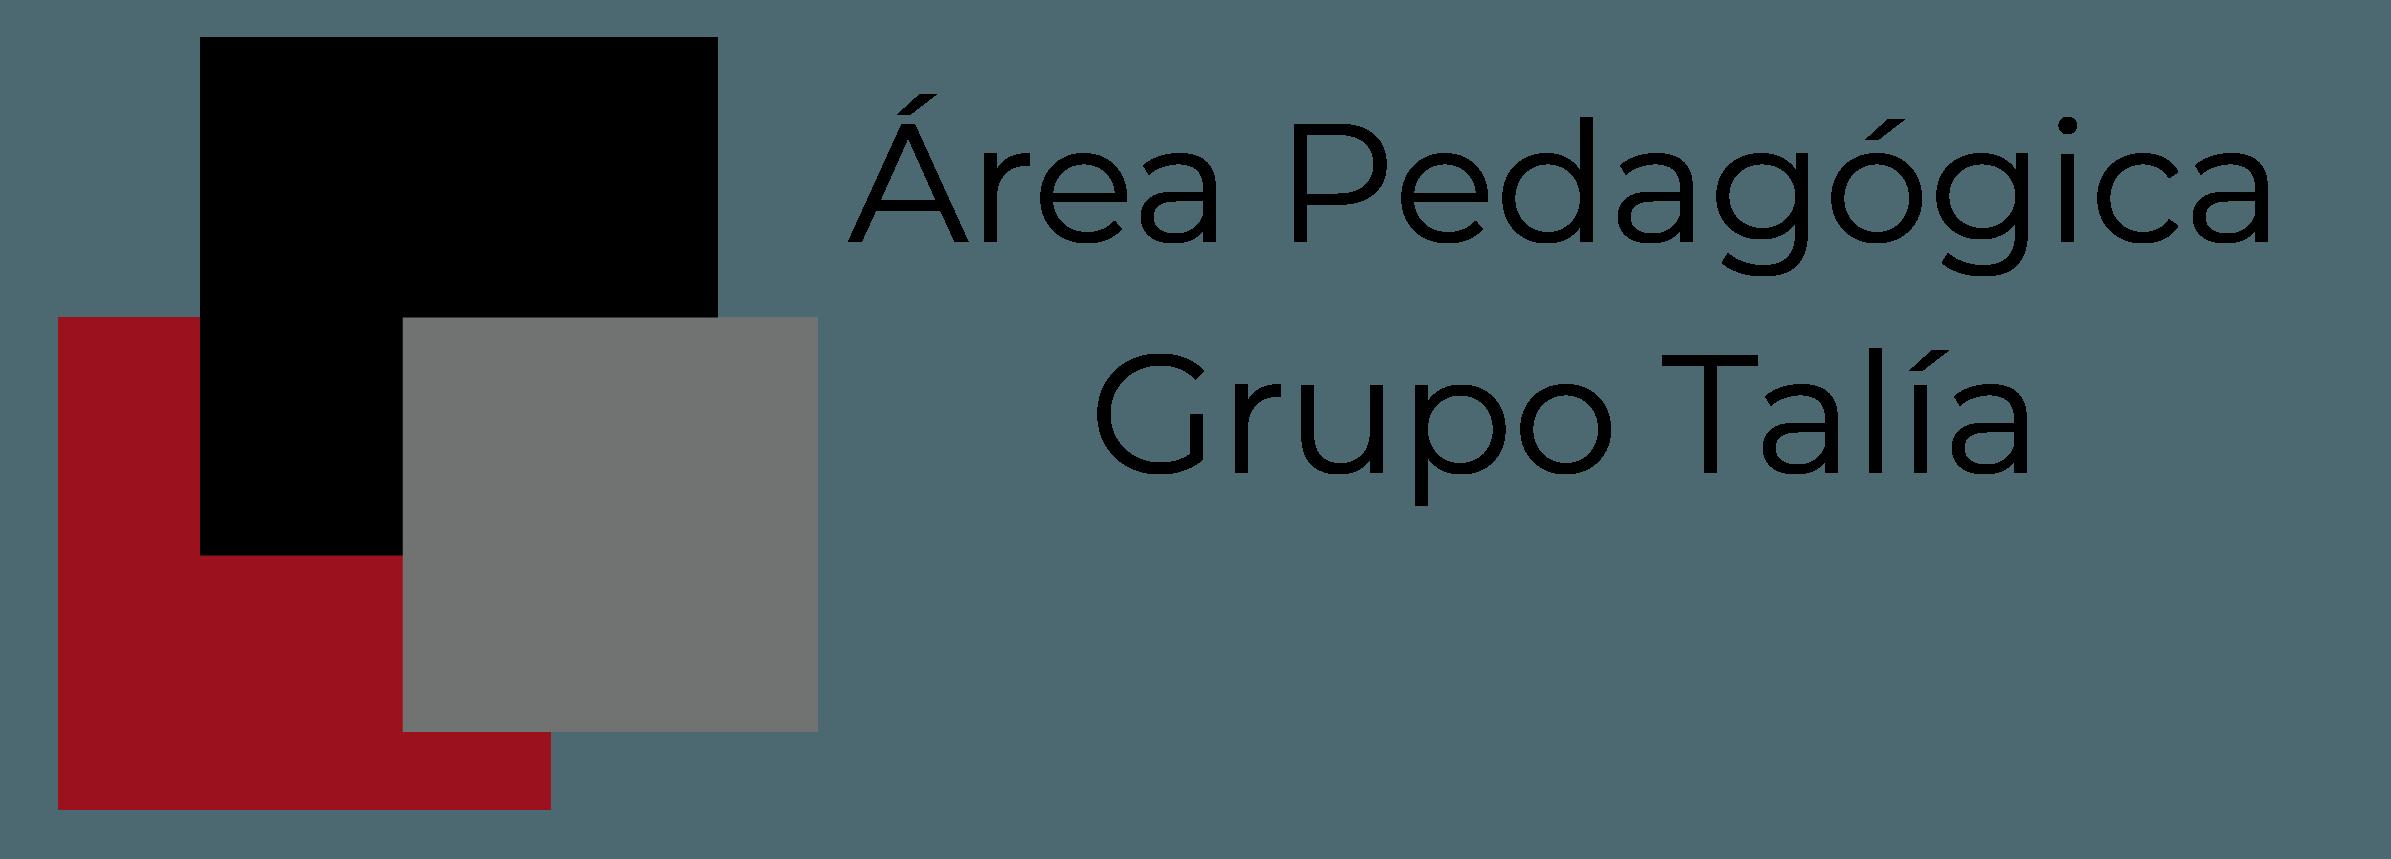 Área Pedagógica del Grupo Talía